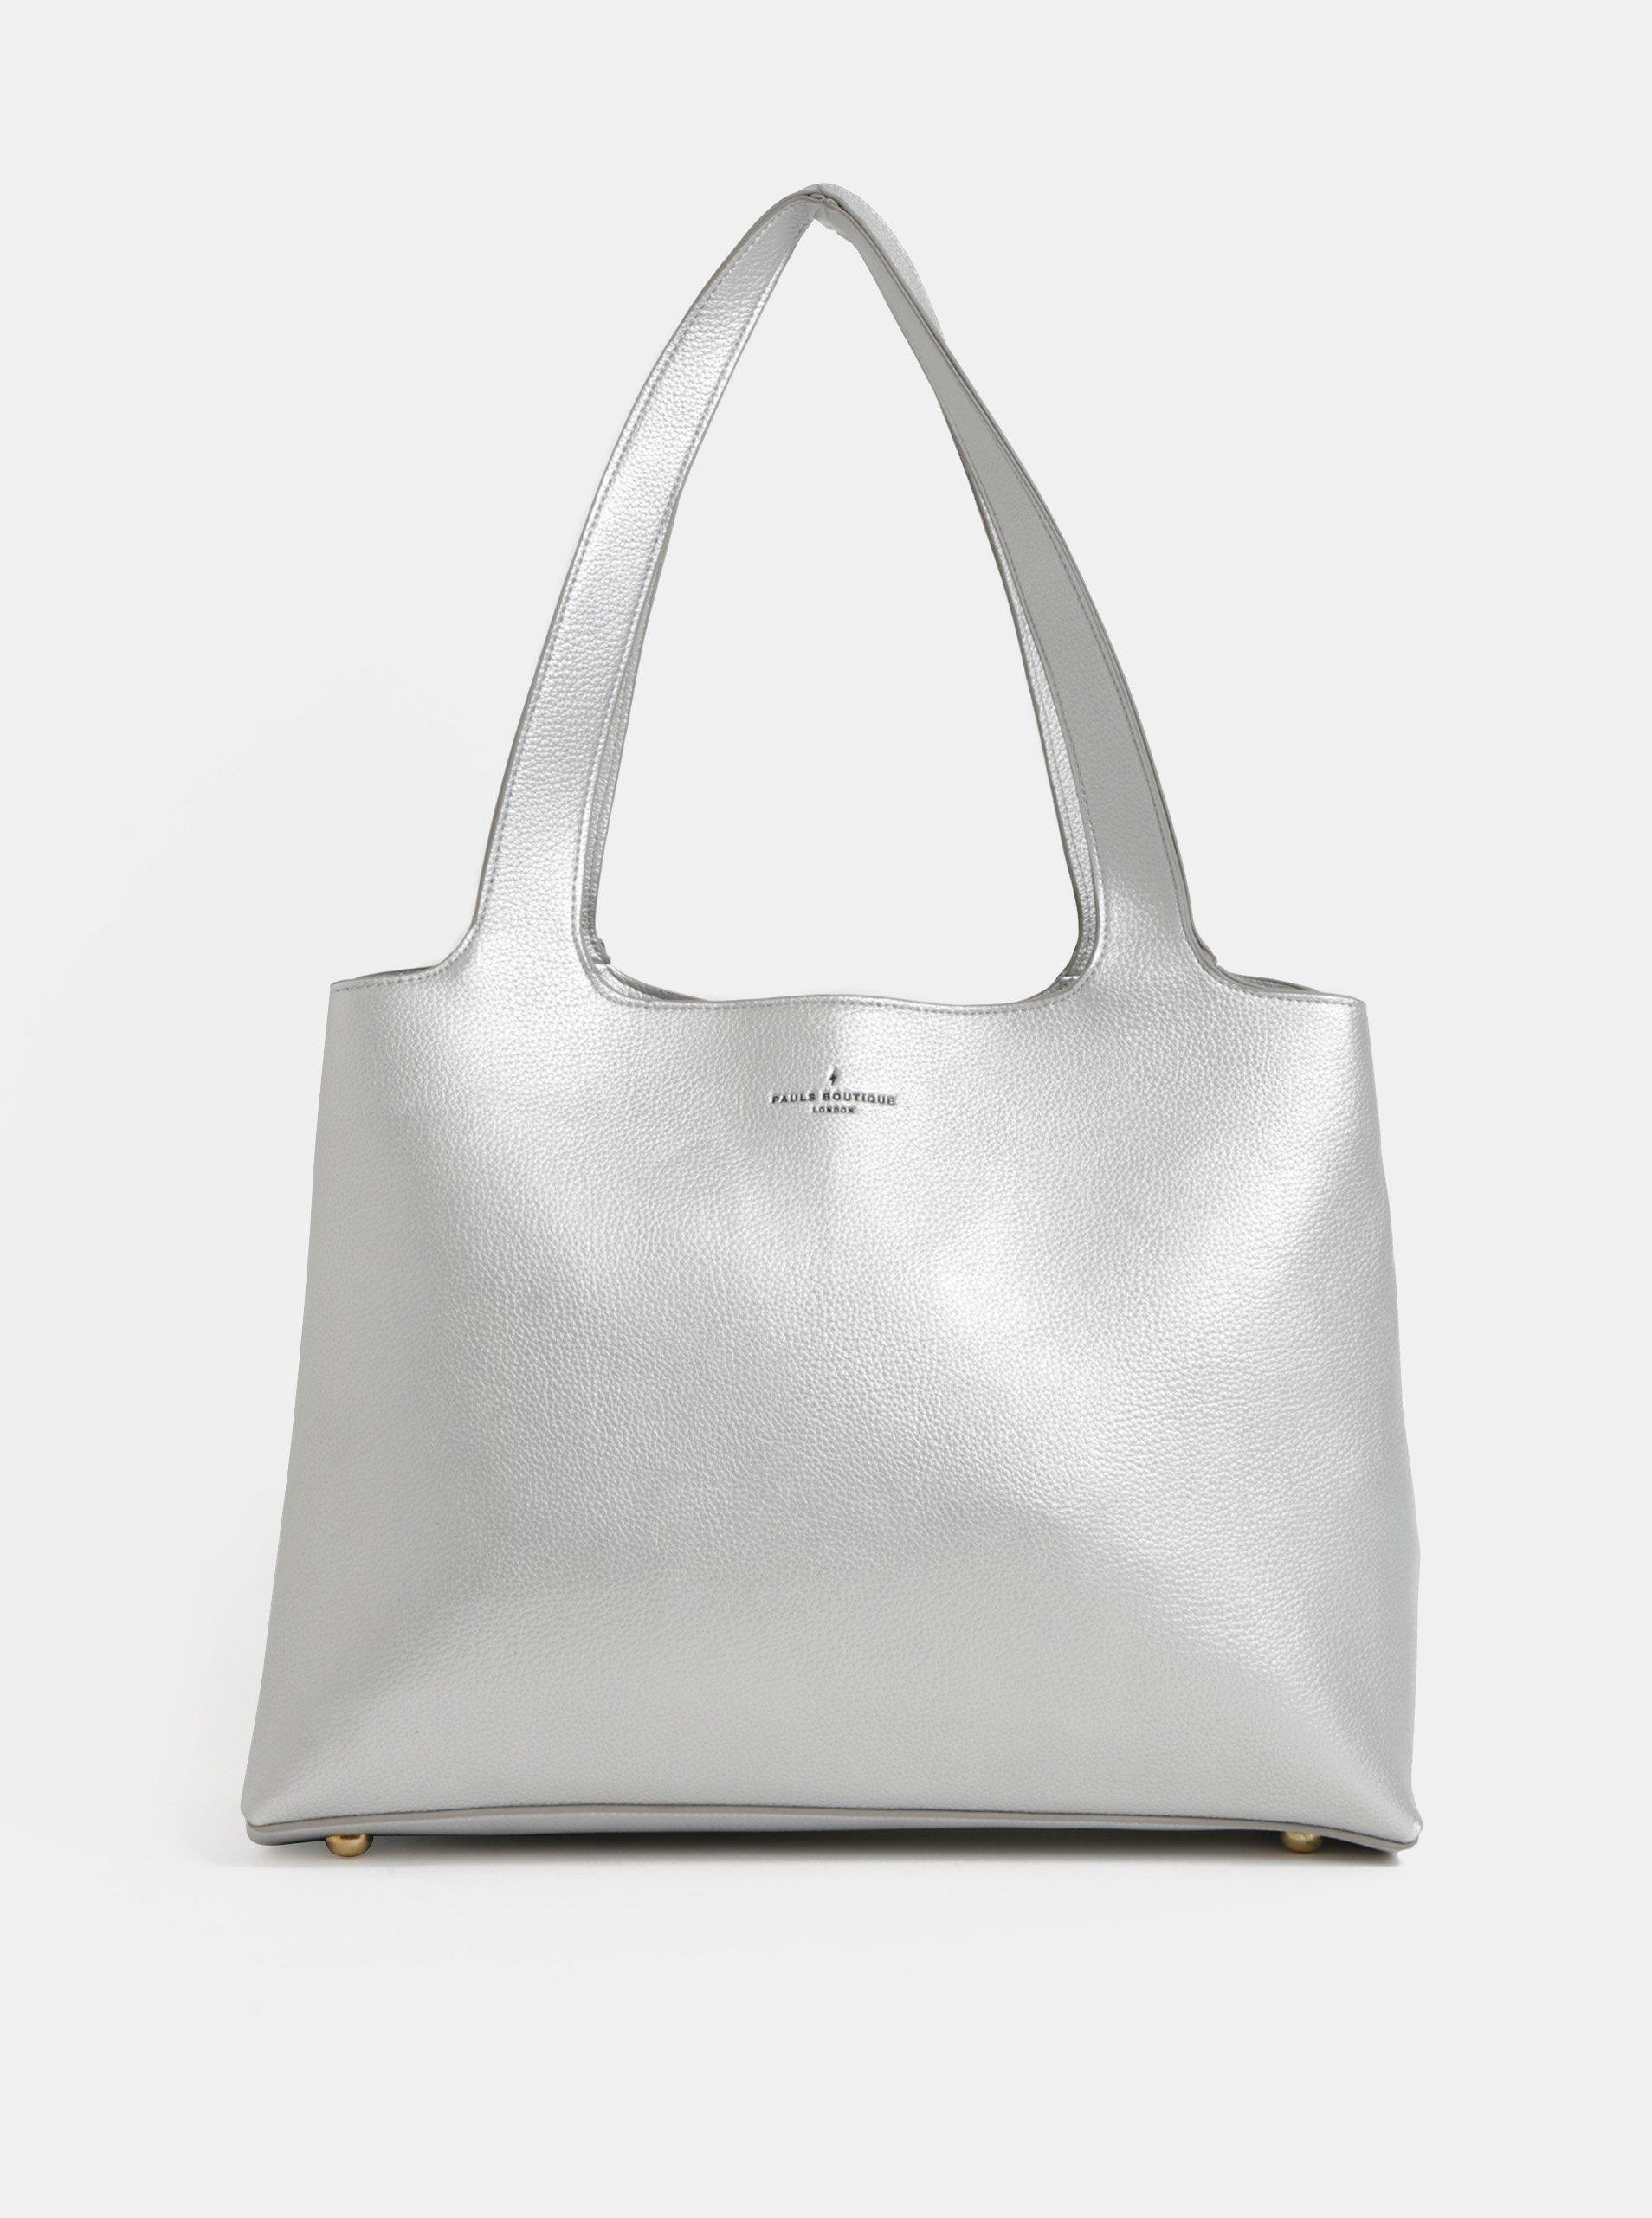 Velká koženková kabelka ve stříbrné barvě Paul's Boutique Roxy